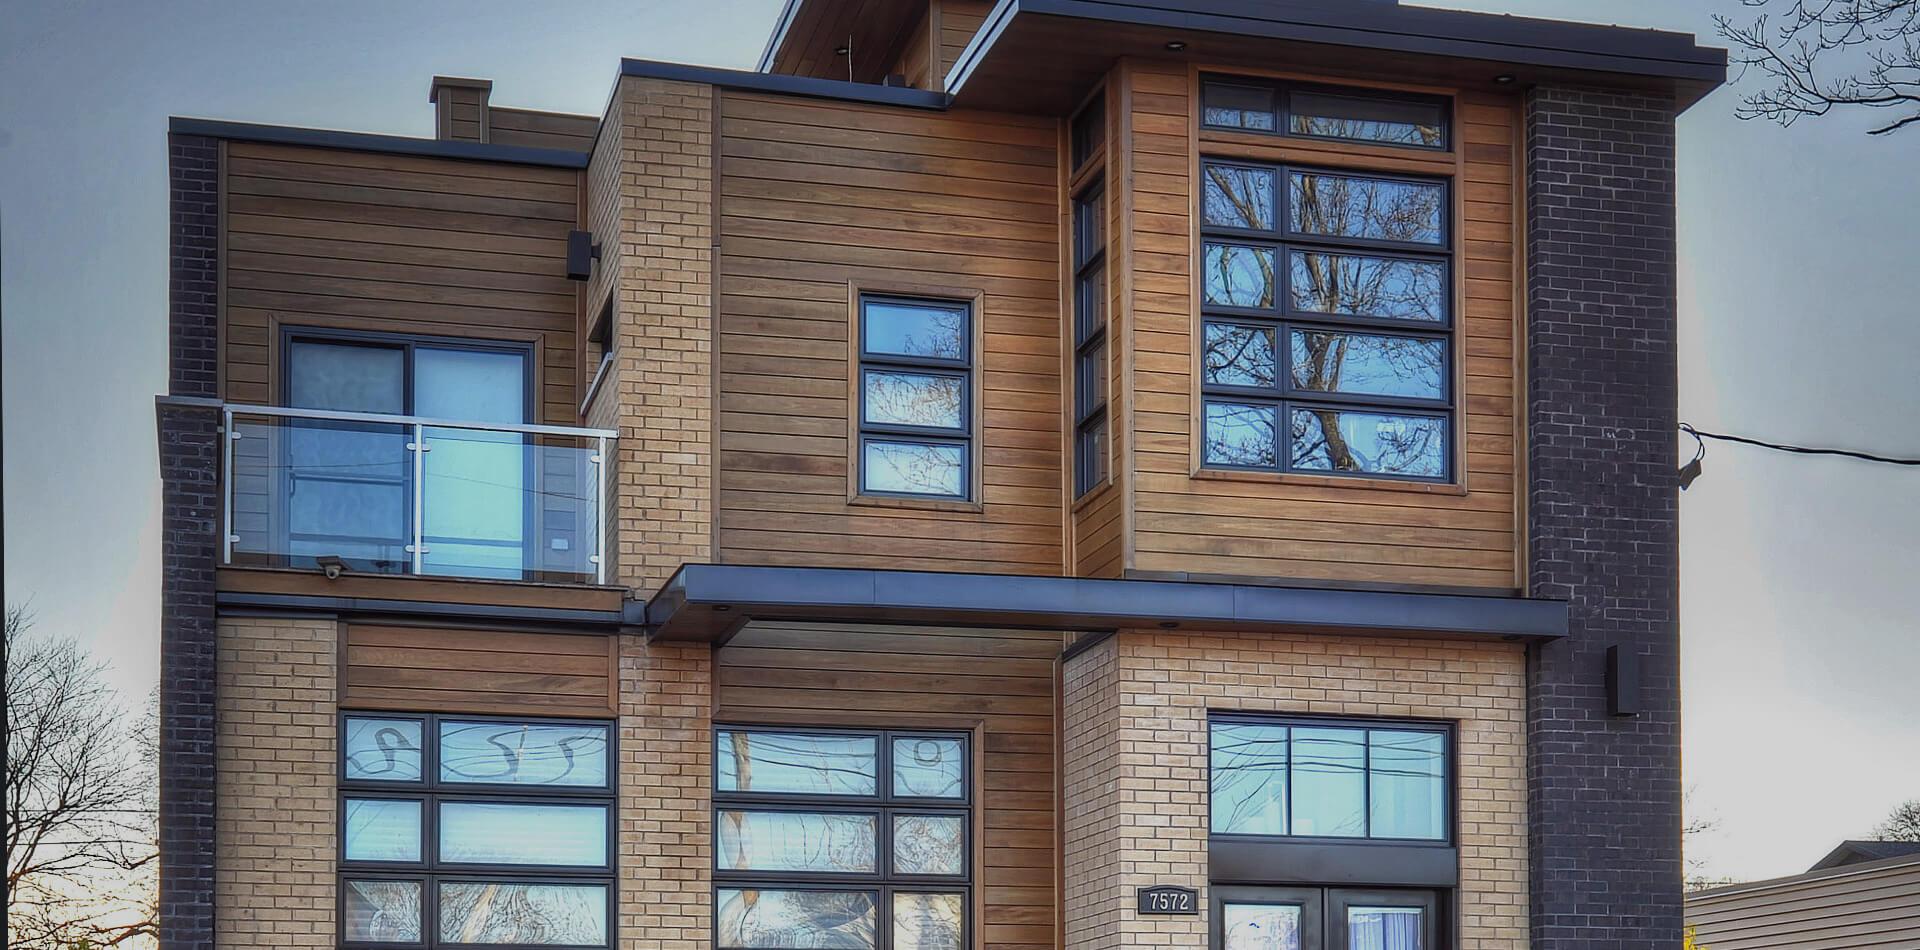 Façade de maison présentant plusieurs types de fenêtres